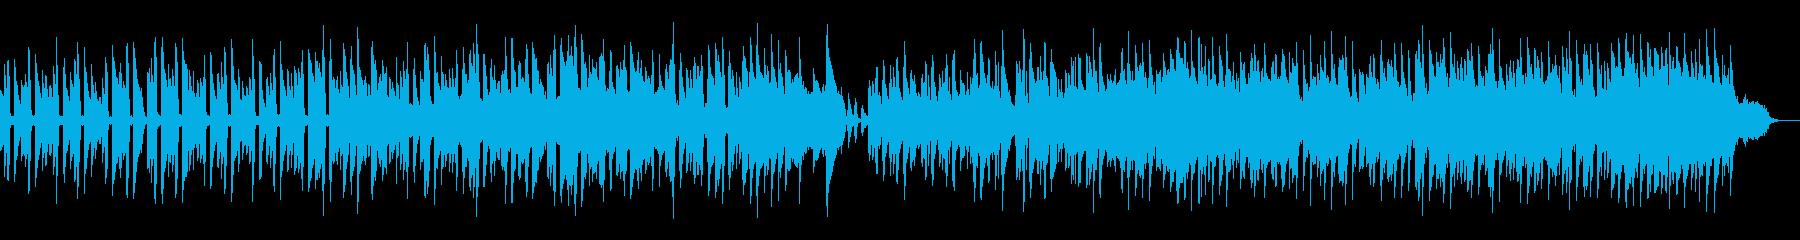 おしゃれで静かな秋冬用のBGMにの再生済みの波形